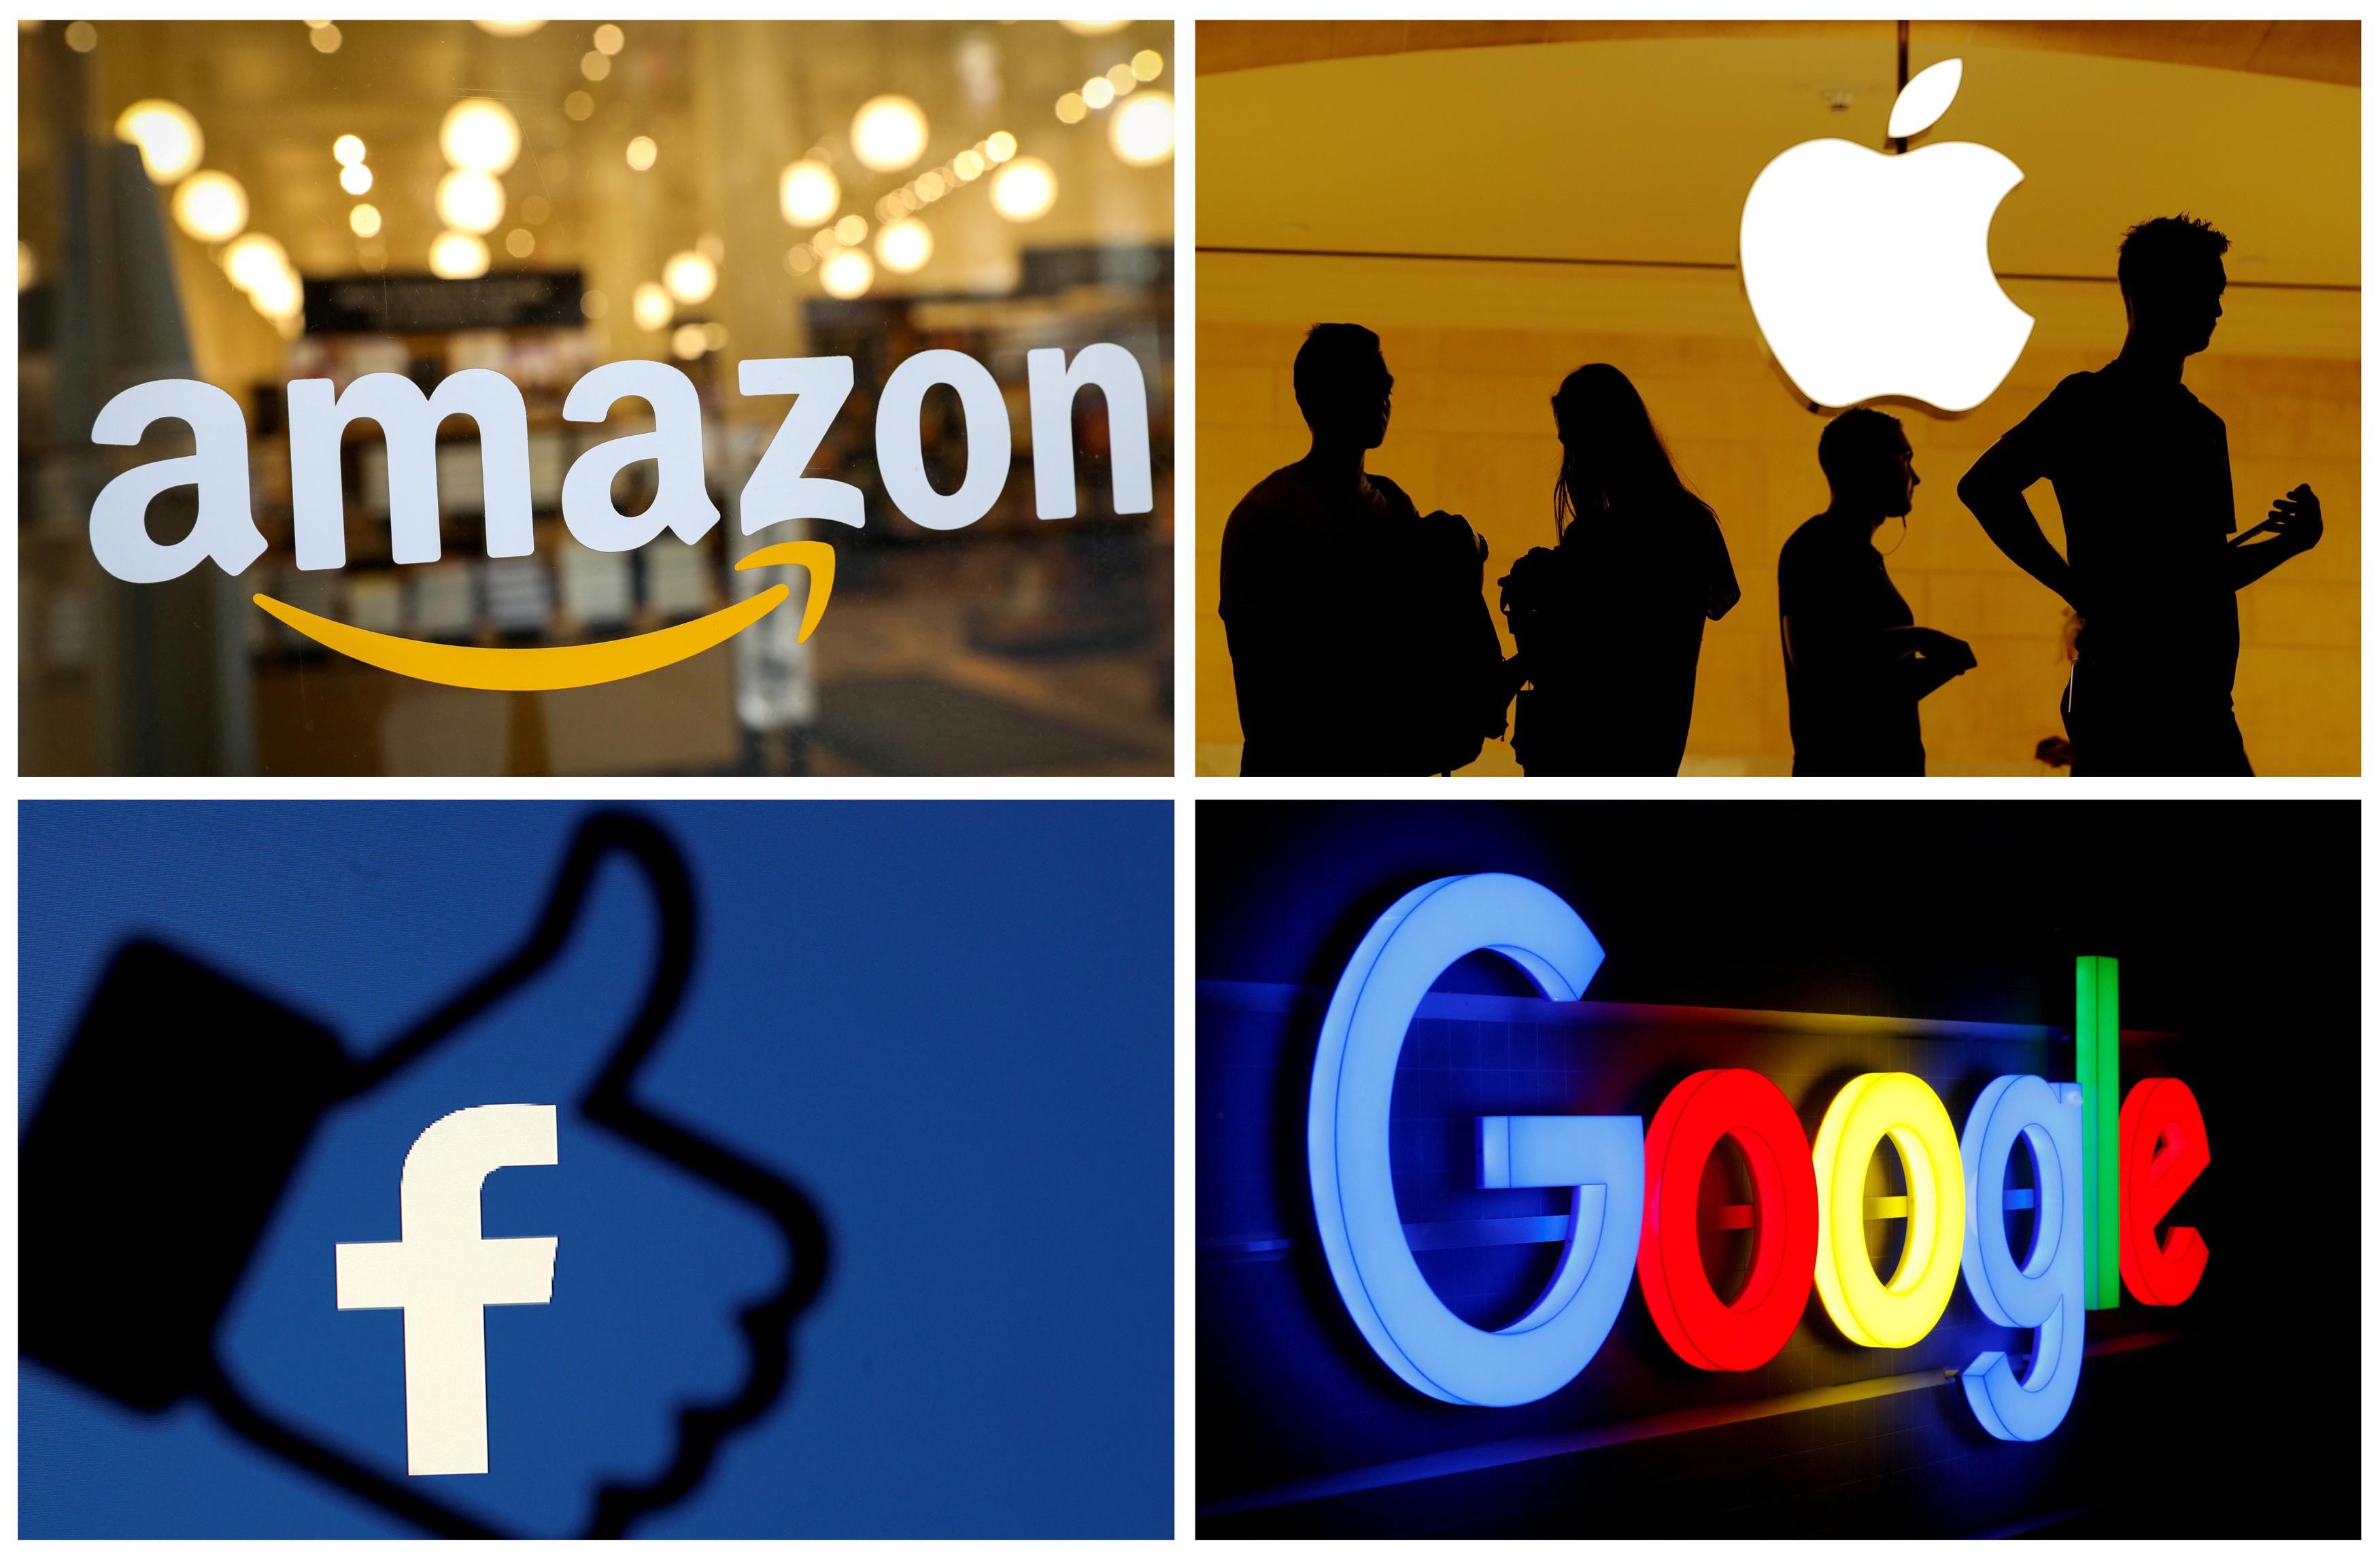 La lucha contra el 'big tech', el frente común de demócratas y republicanos en Washington DC | Noticias Univision Política | Univision